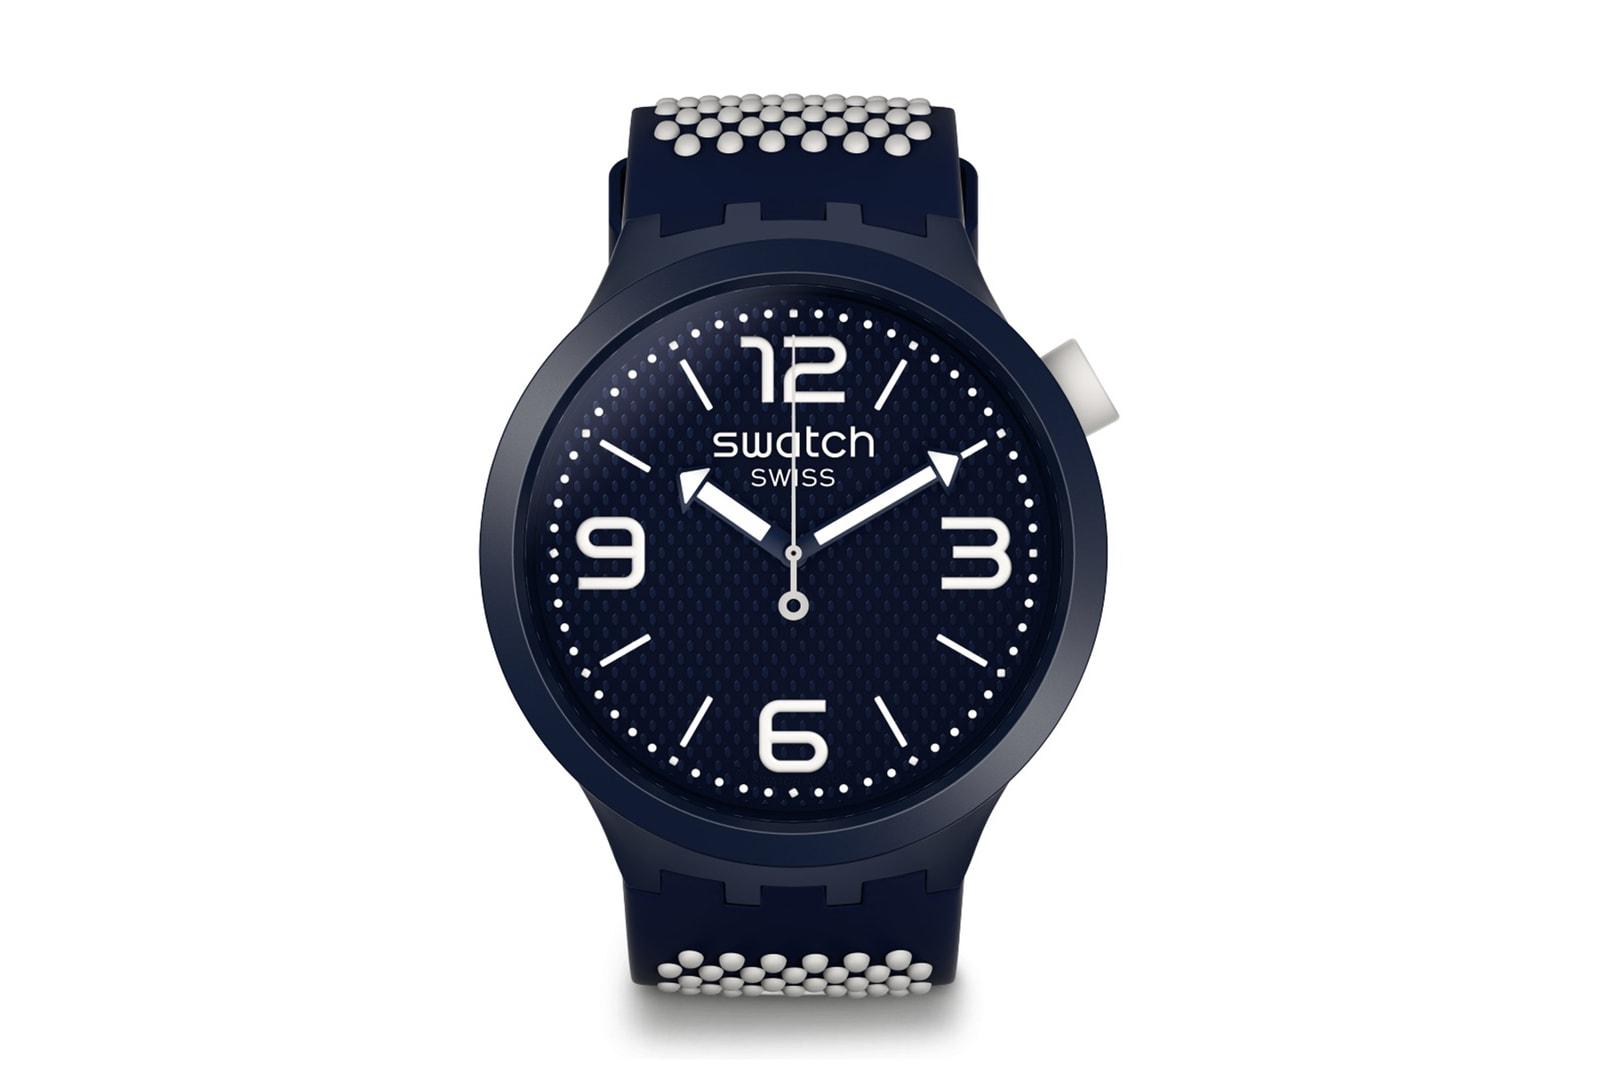 大胆不敵な個性を放つ swatch BIG BOLD ビッグボールド コレクション 新色4型が登場 スウォッチ